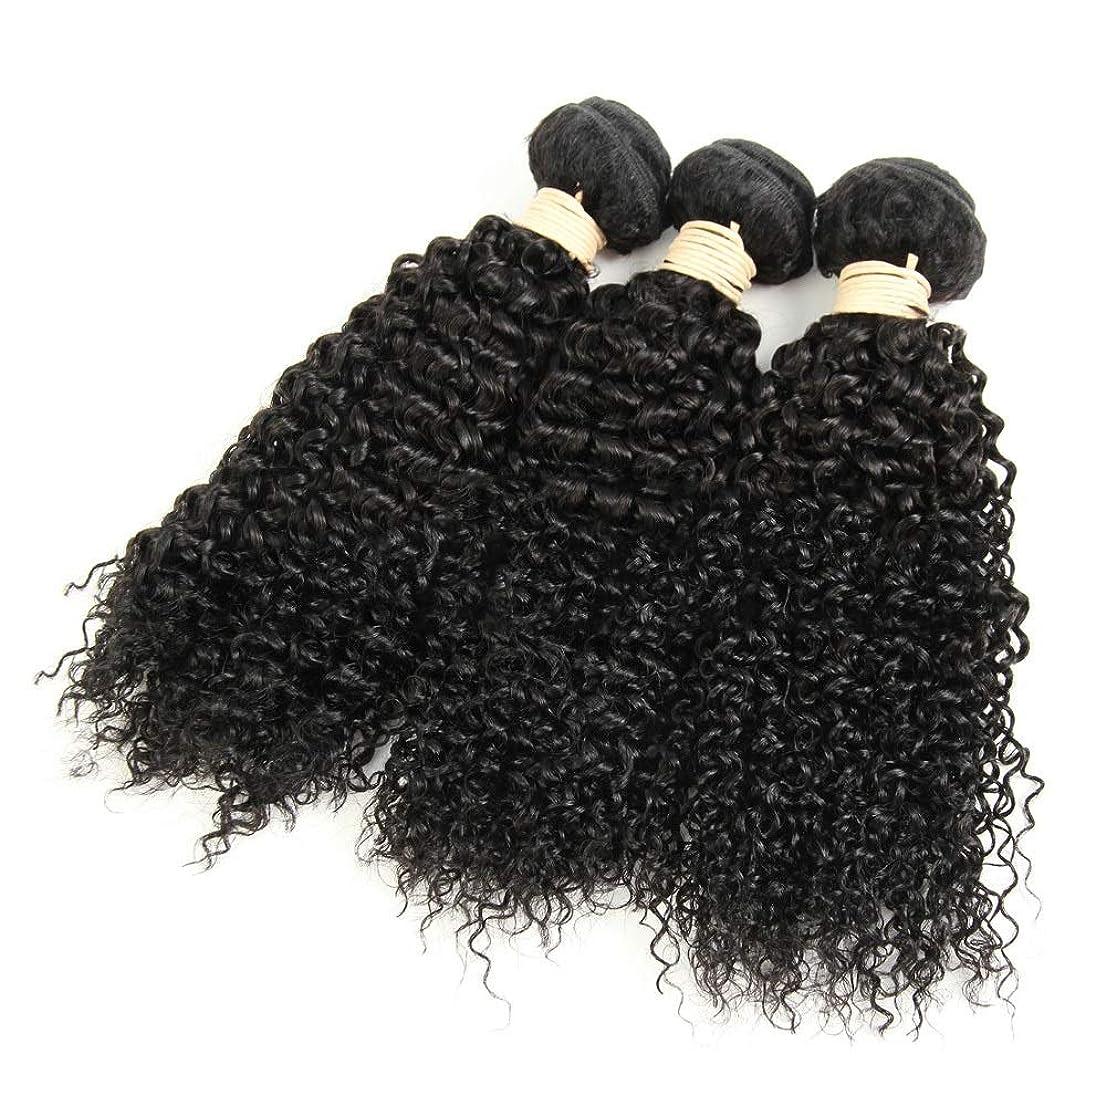 フルート落とし穴揃えるYESONEEP 1バンドル変態巻き毛100%本物の人間の髪の毛の束ブラジルのディープウェーブの毛未処理の髪を編む(8